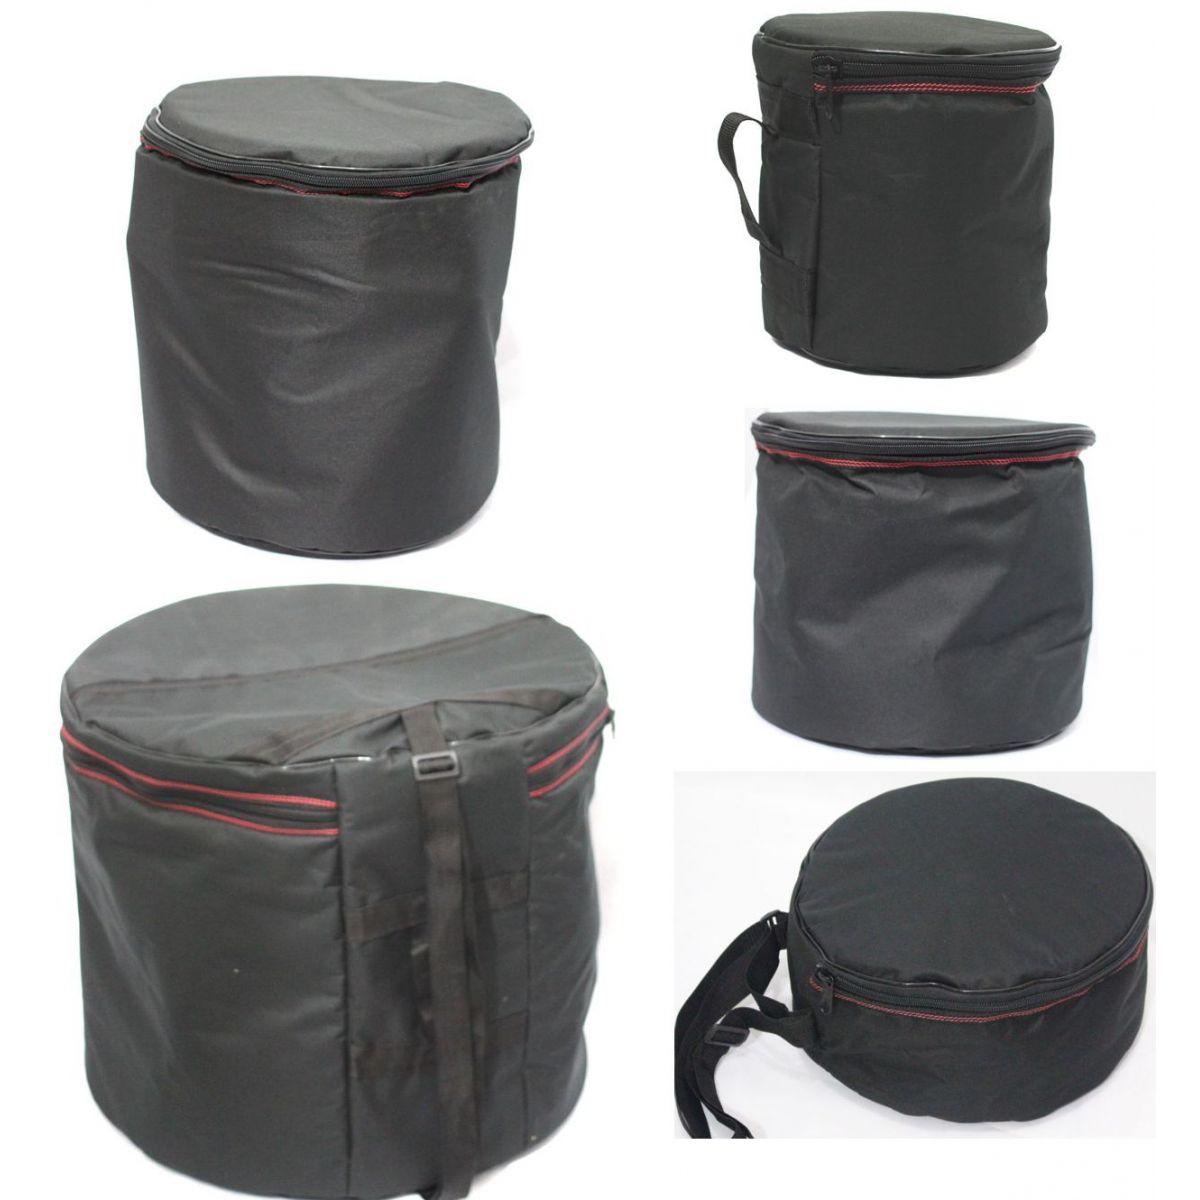 Jogo de BAG CRBAG para Bateria Luxo 5 Peças Estofadas Capas CRBAG Padrão - 12 - 13 - 16 - 22 - CX 14